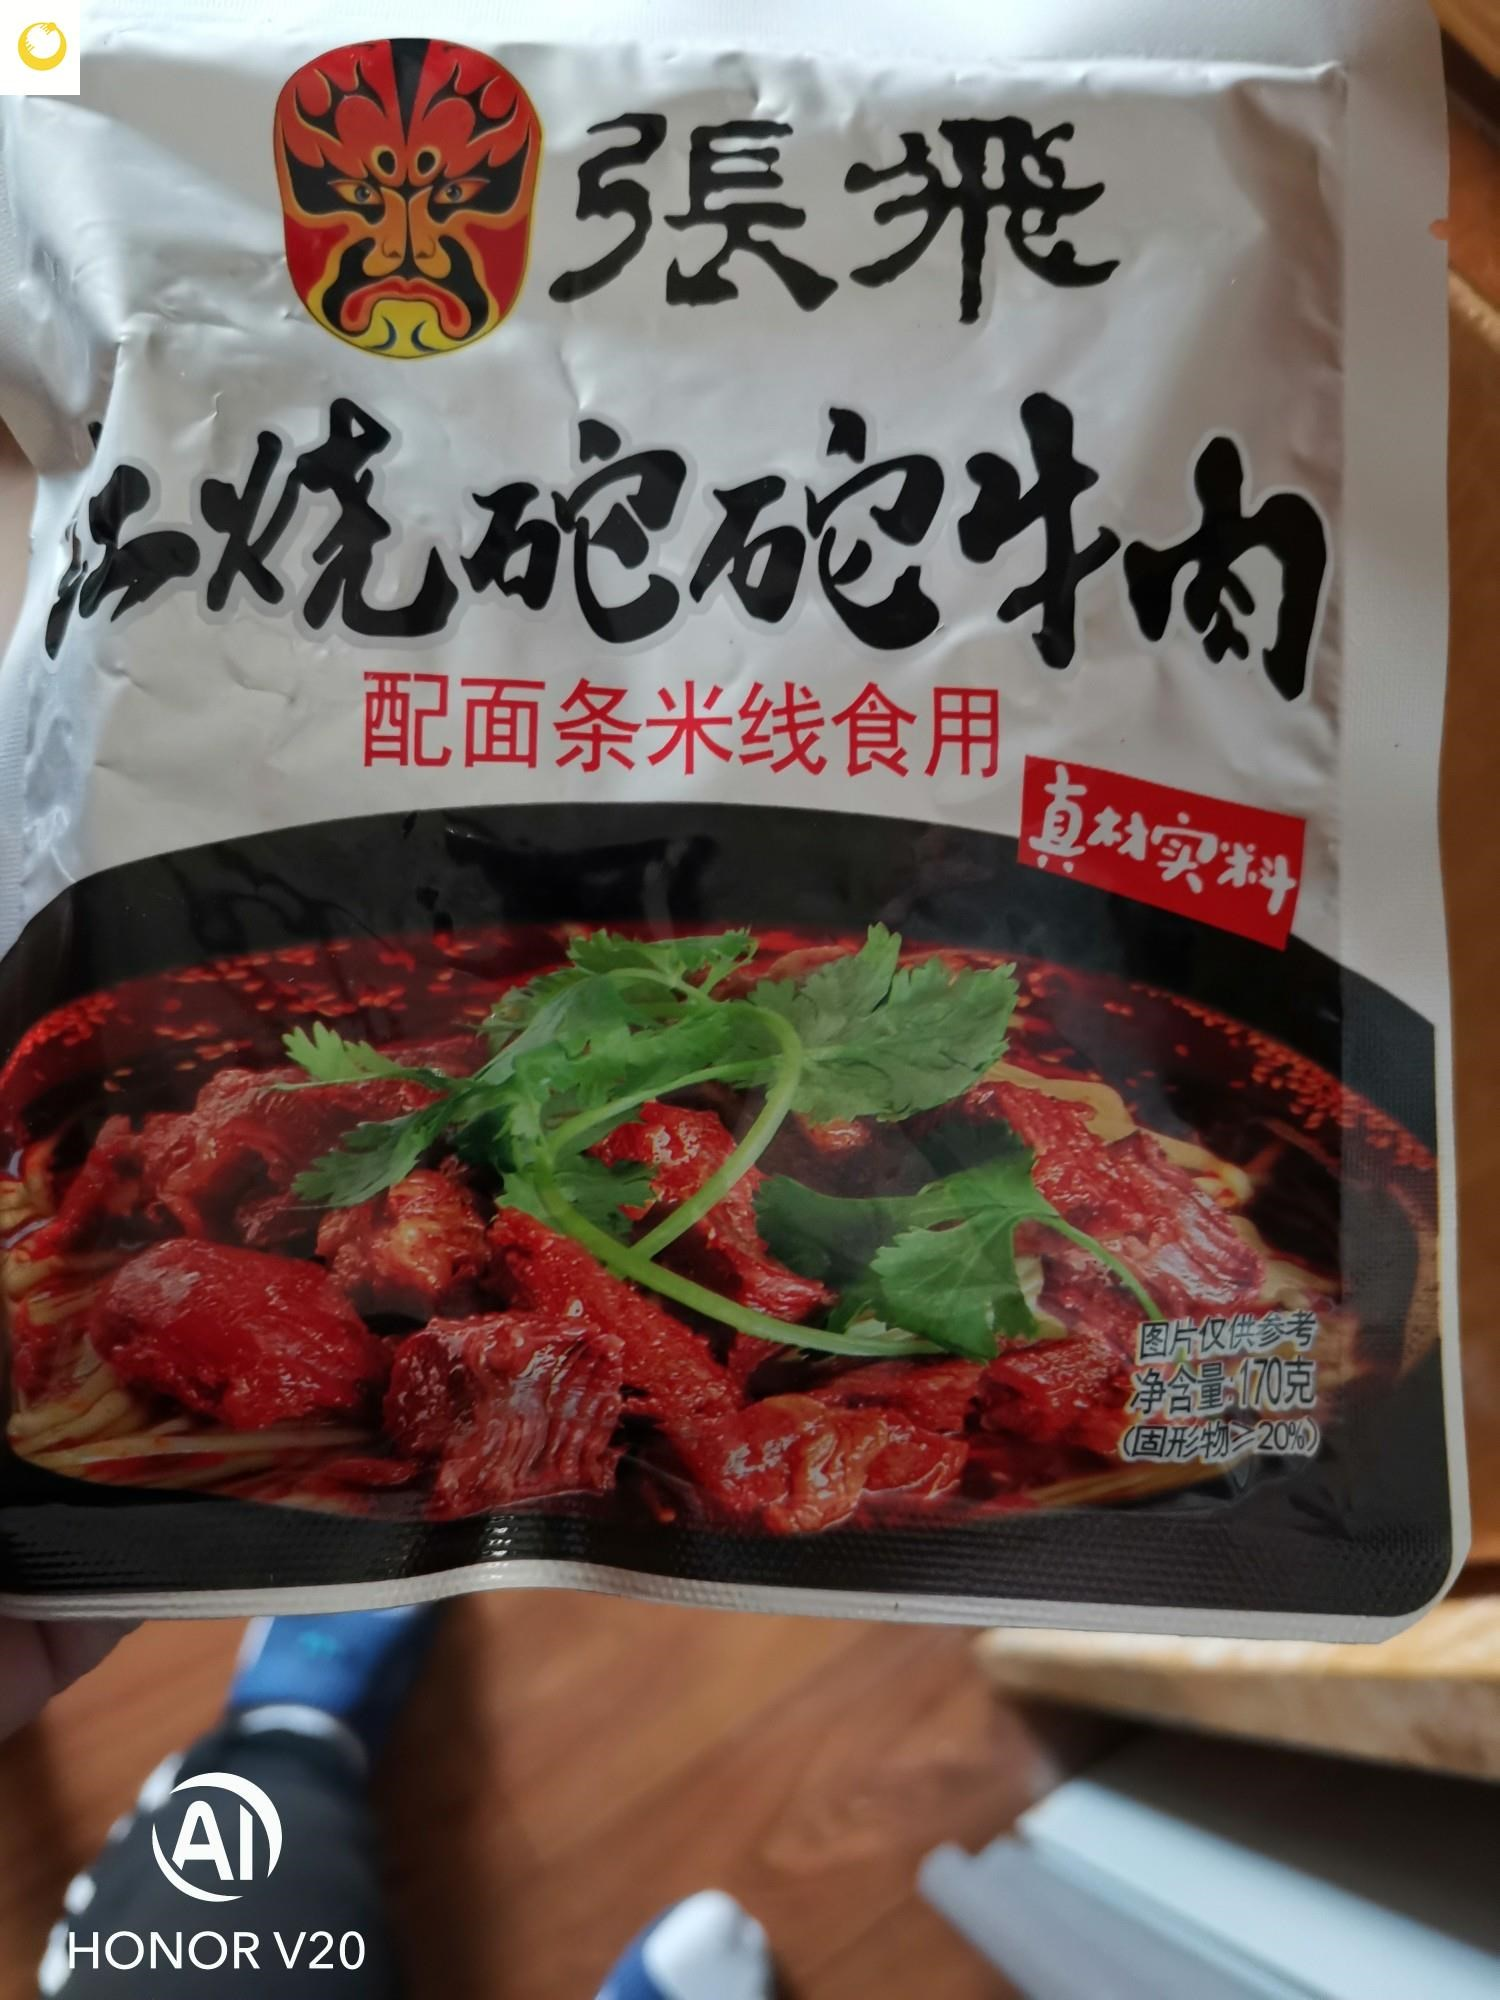 张飞坨坨牛肉四川成都特色拌面调料包 小袋装小吃牛肉酱拌饭料